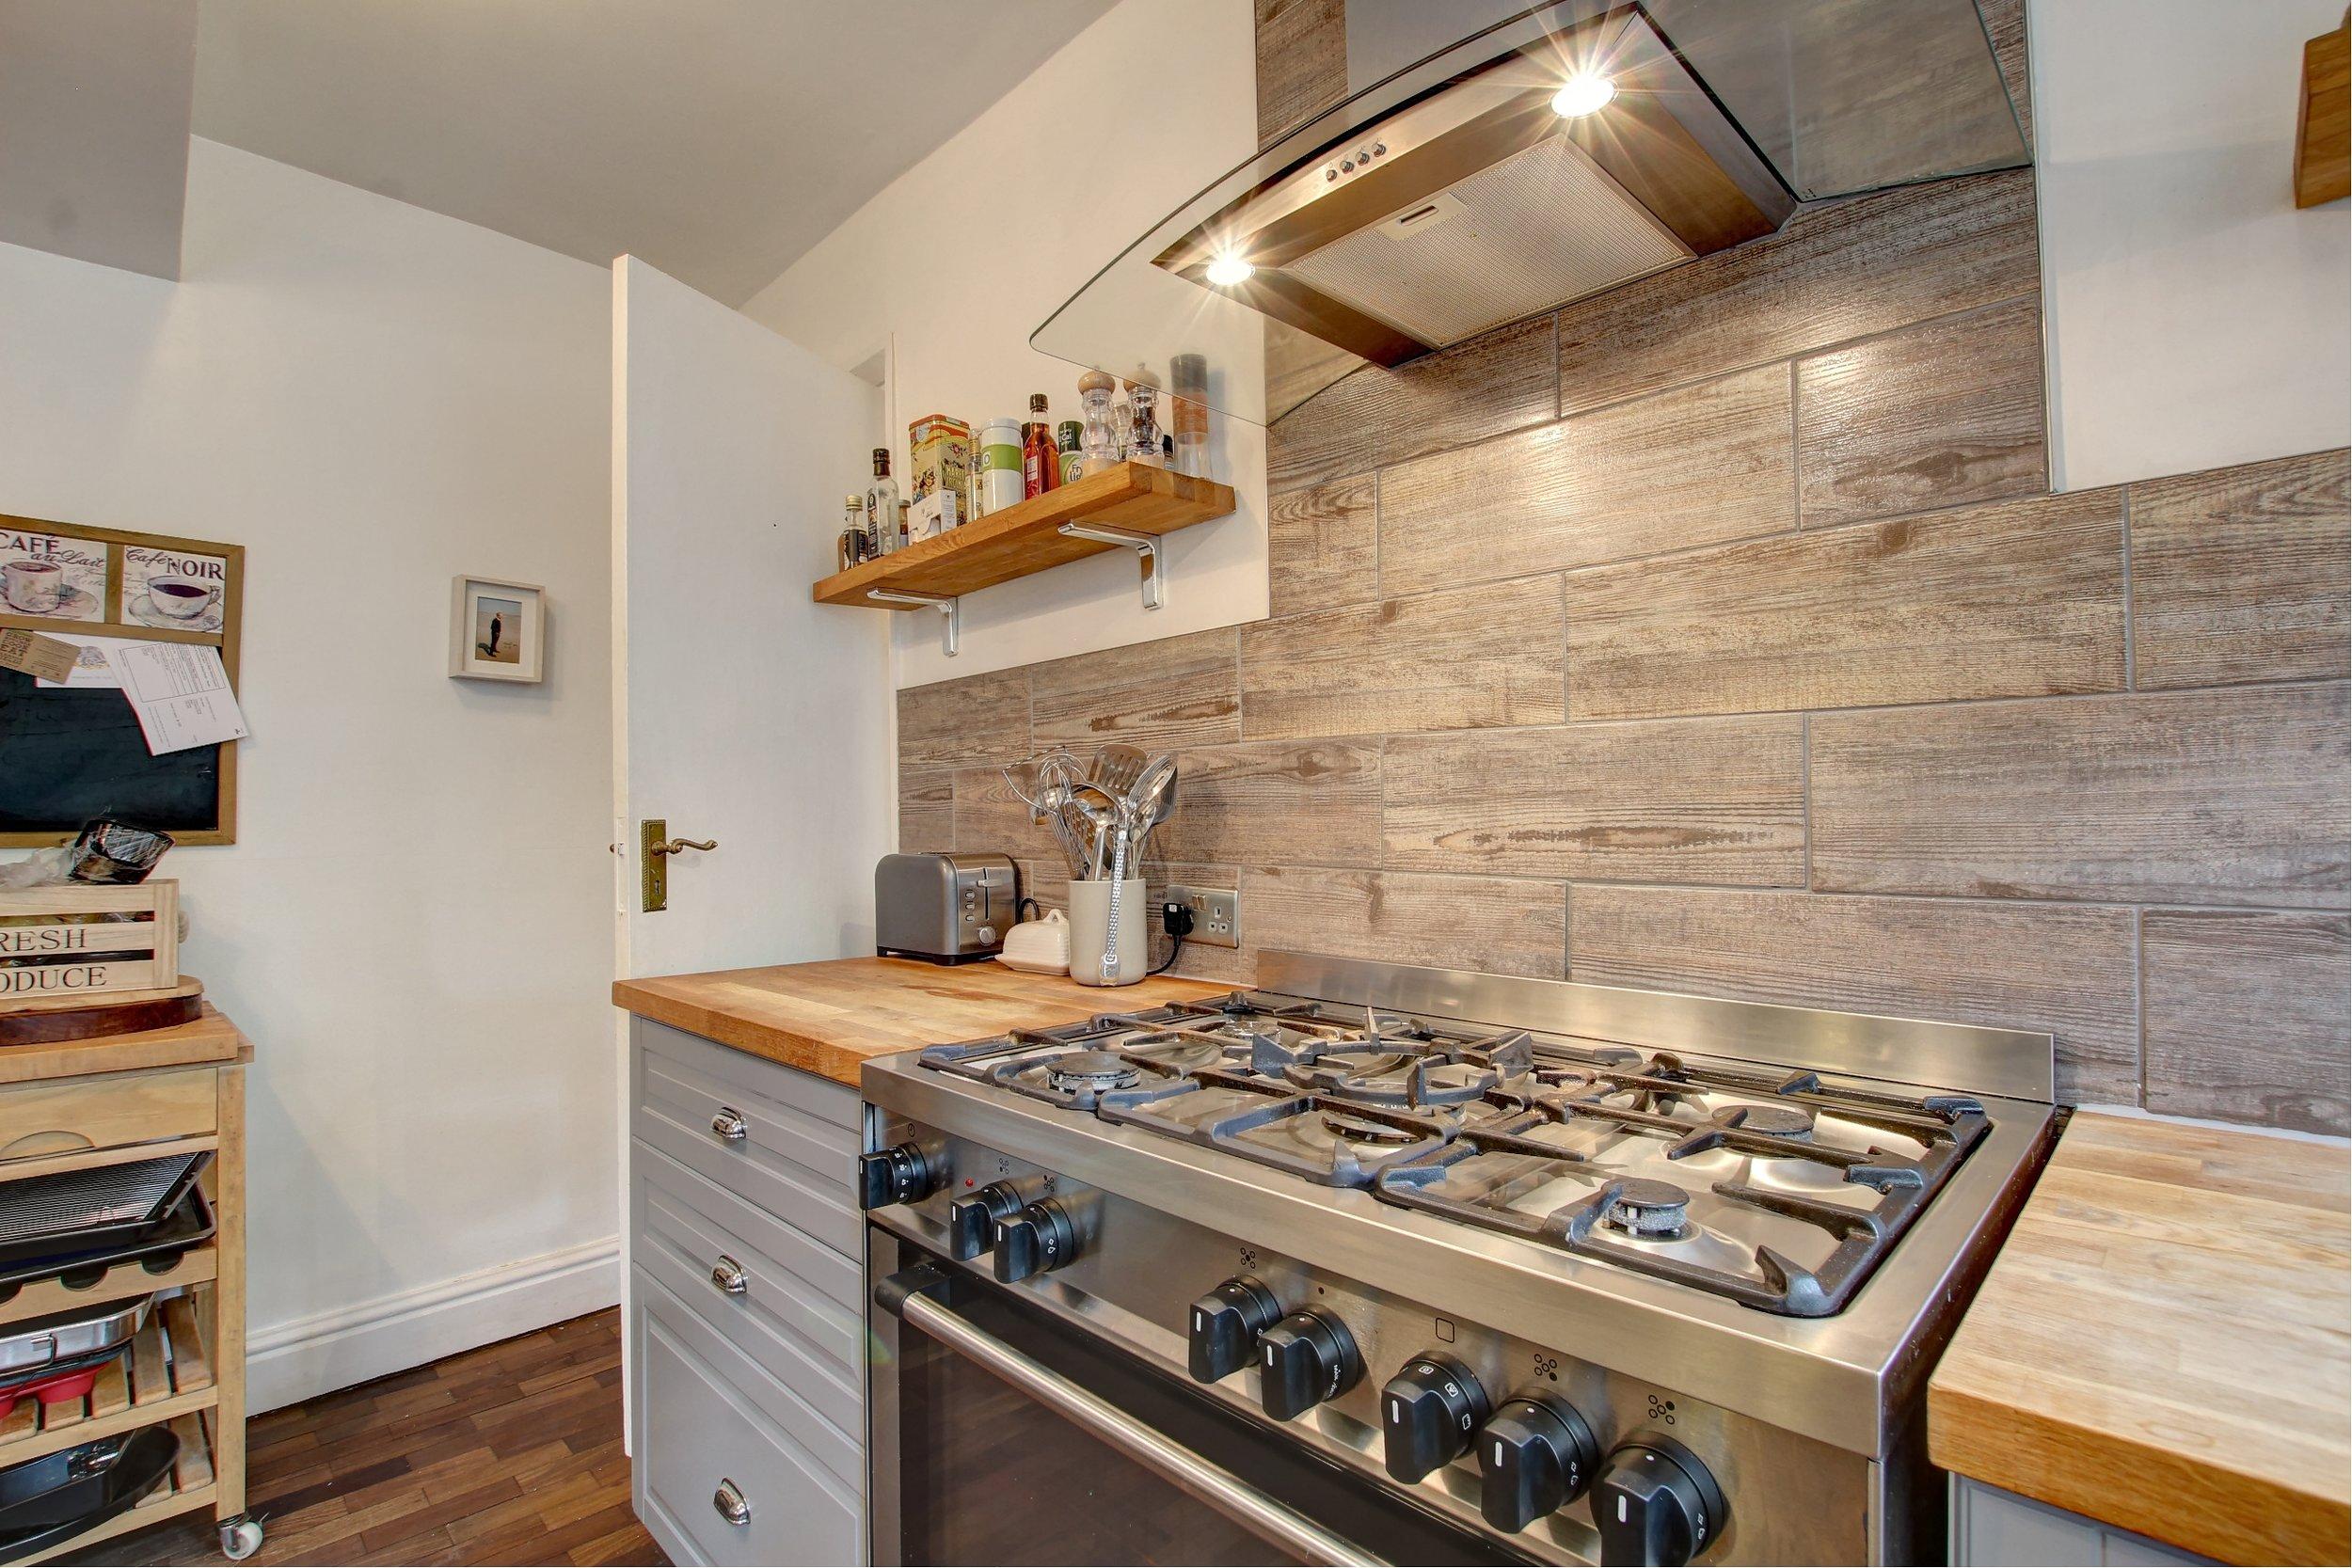 9 kitchen lifestyle.jpg